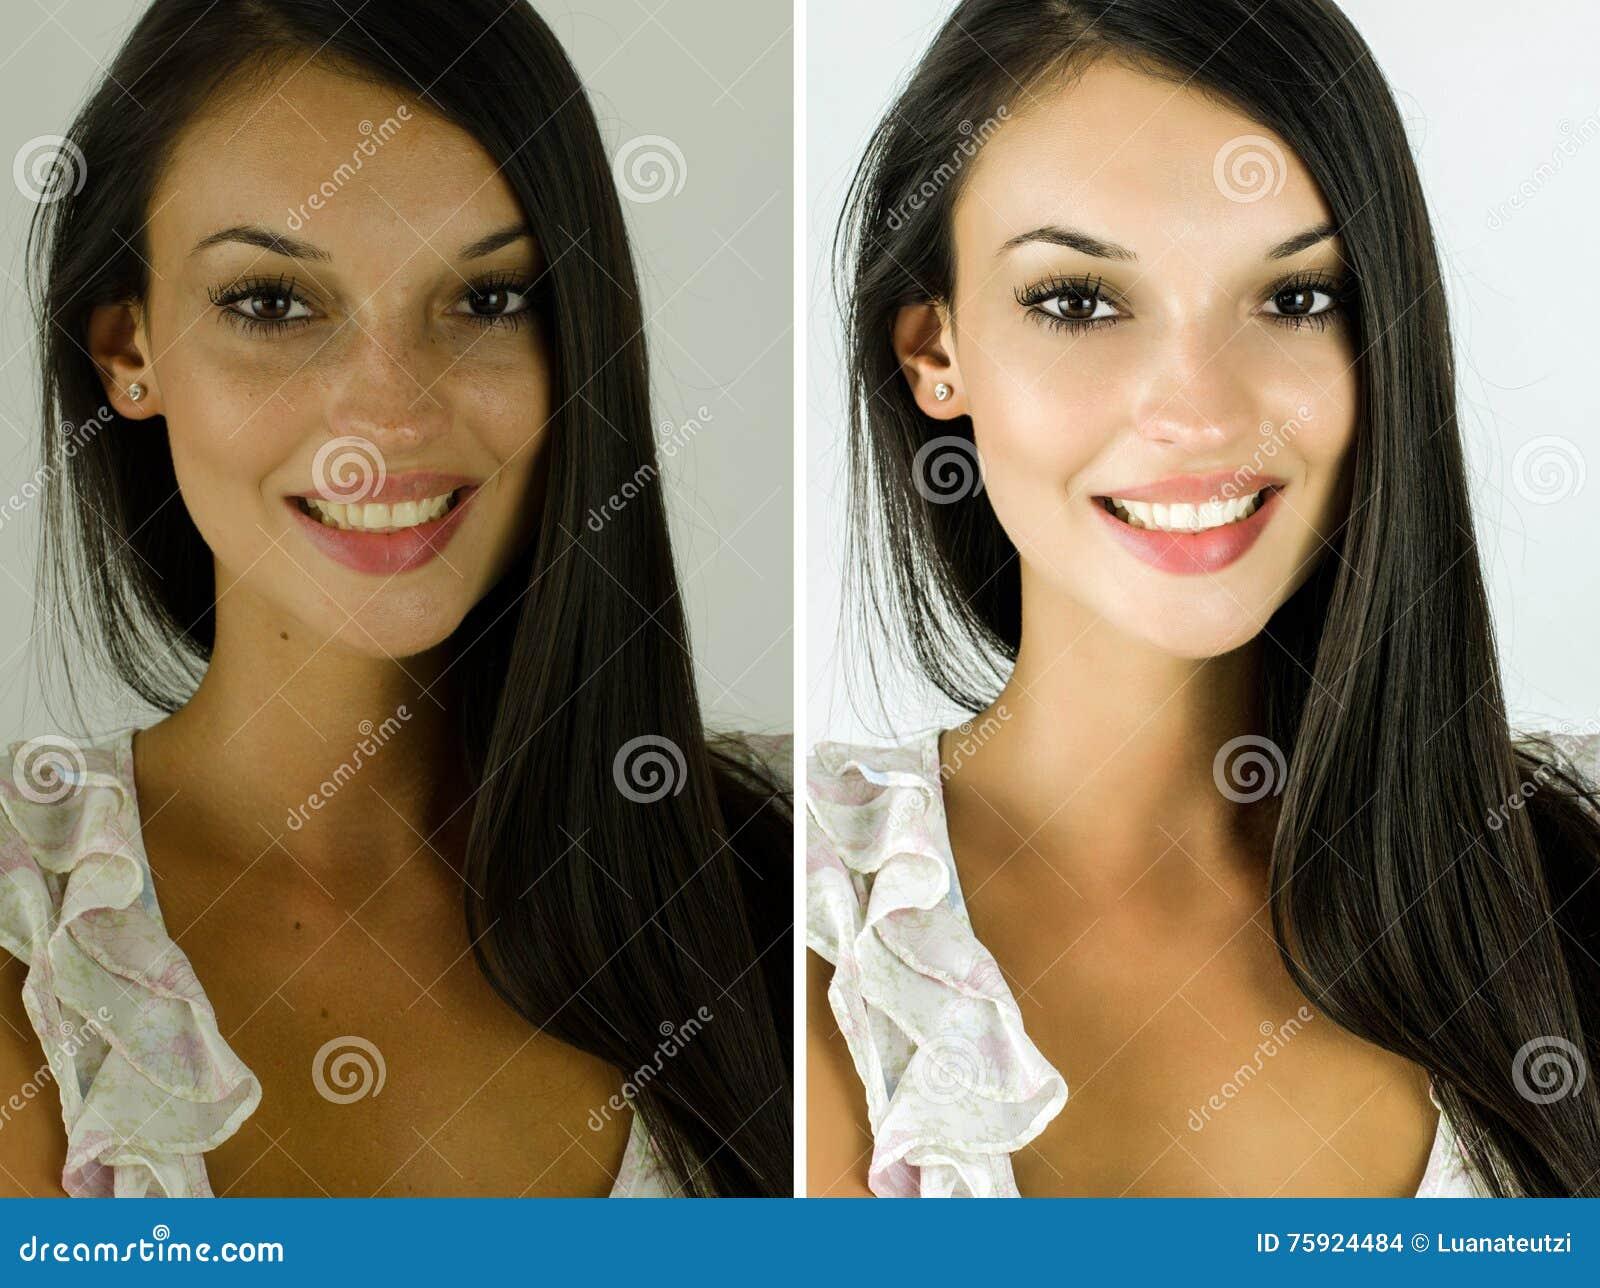 как ретушировать фотографии